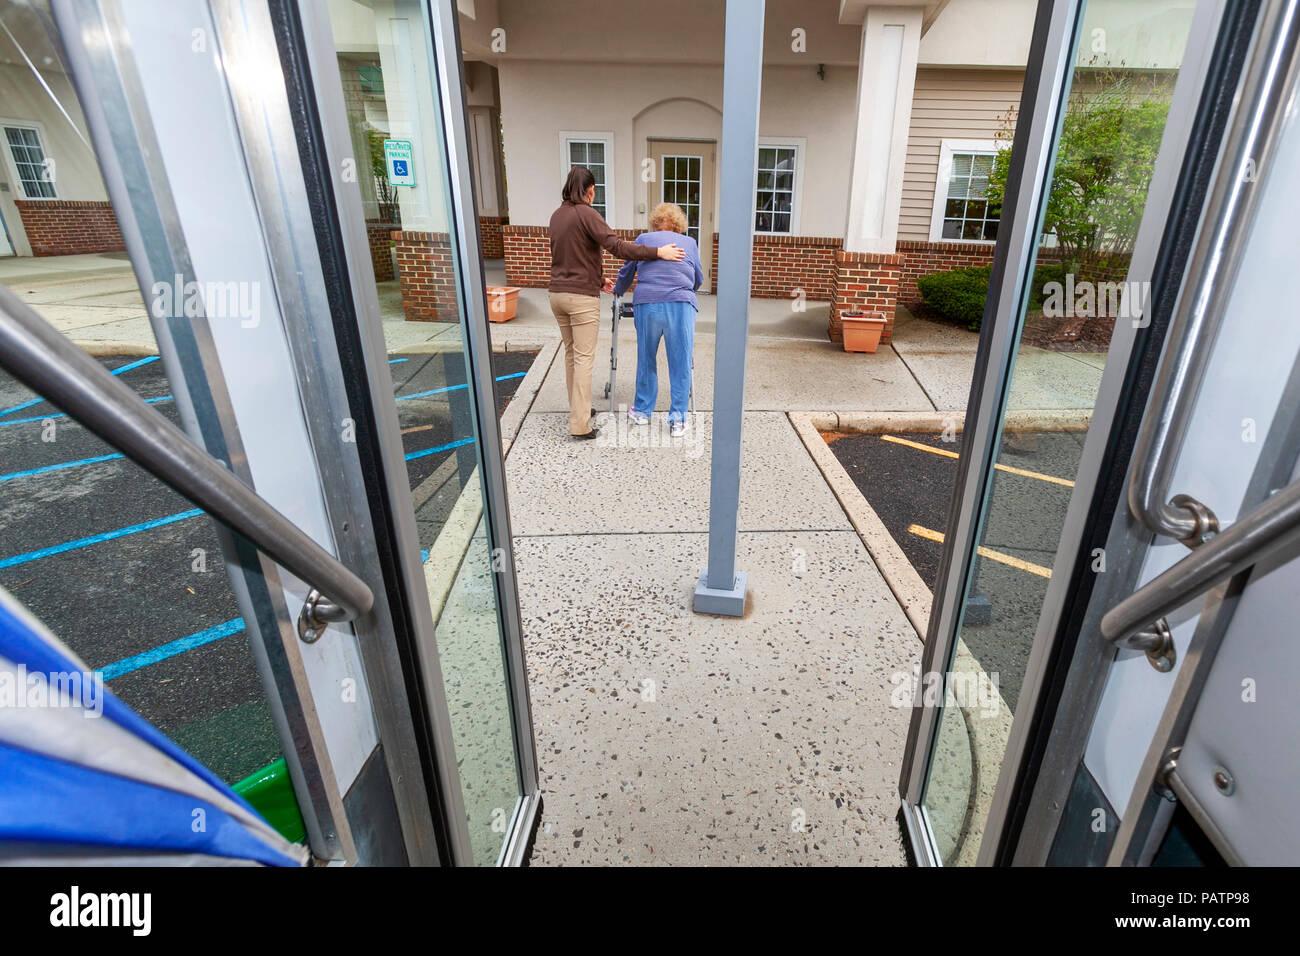 Eine Sozialarbeiterin unterstützt eine Seniorin Frau mit einem Walker ein Erwachsener Tagesstätte für ältere Menschen zu nähern. Stockbild